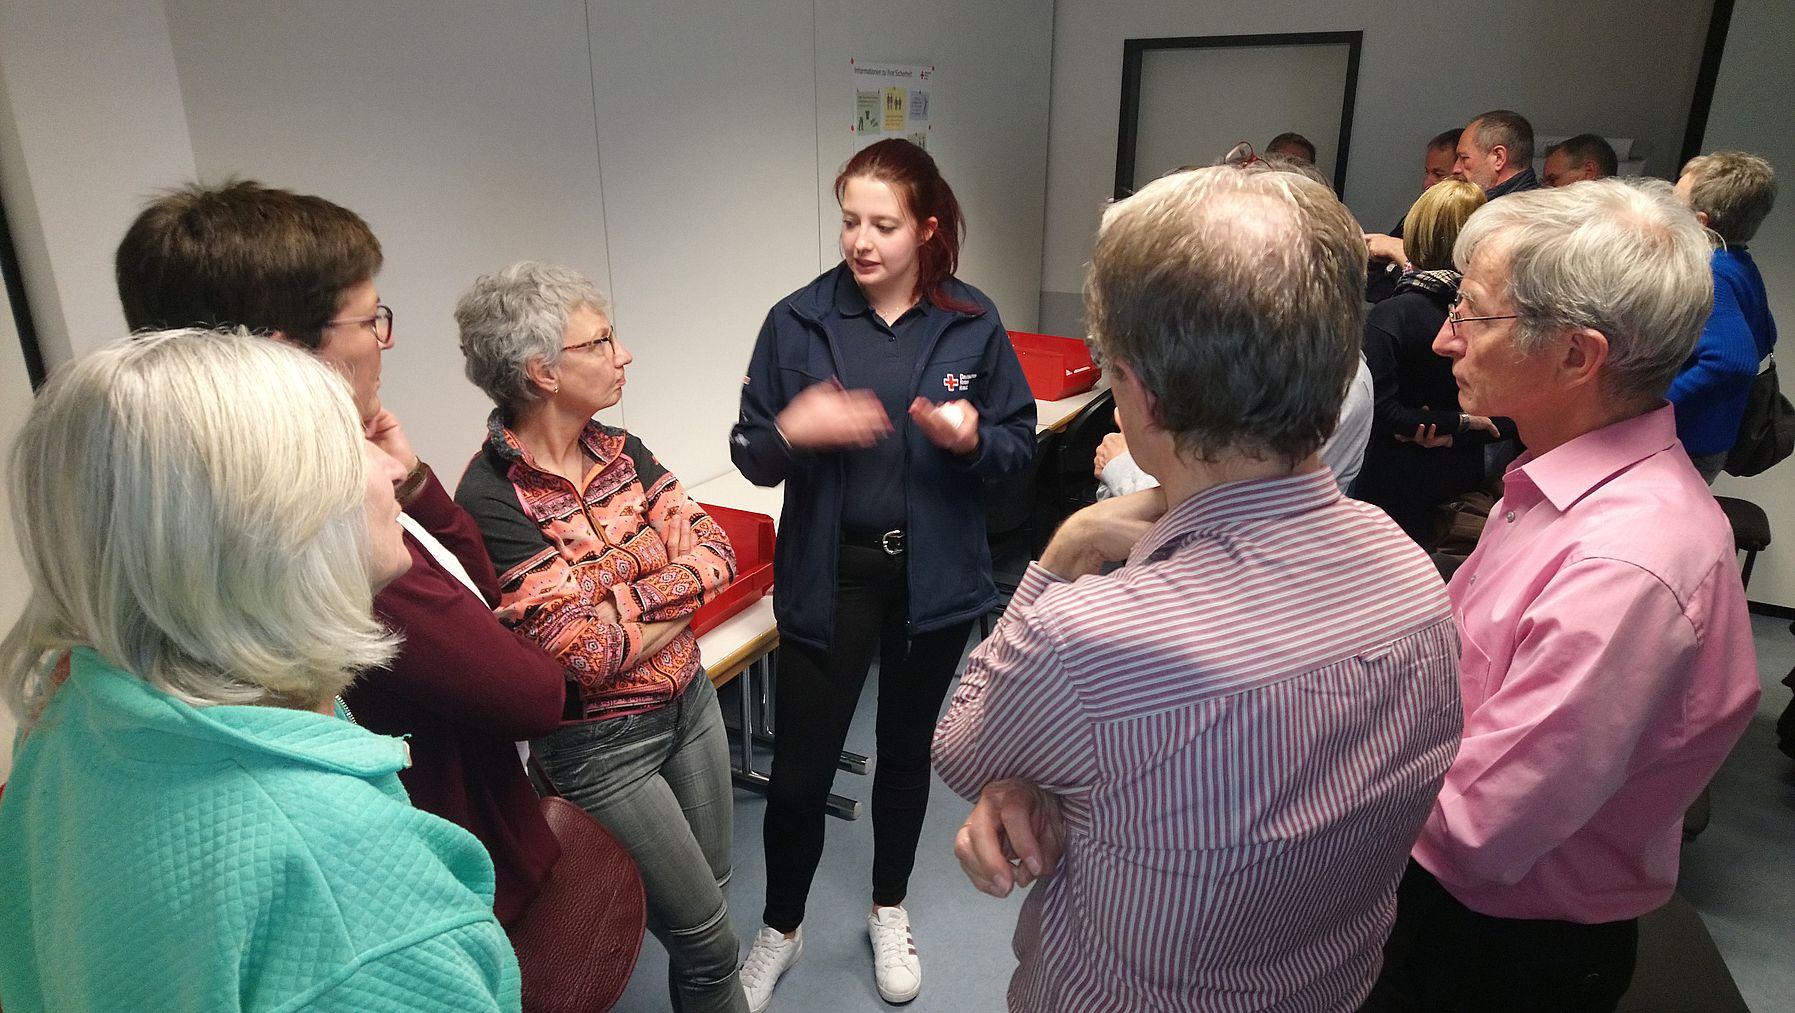 Die Leiterin des Jugendrotkreuz im Gespräch mit interessierten TeilnehmerInnen